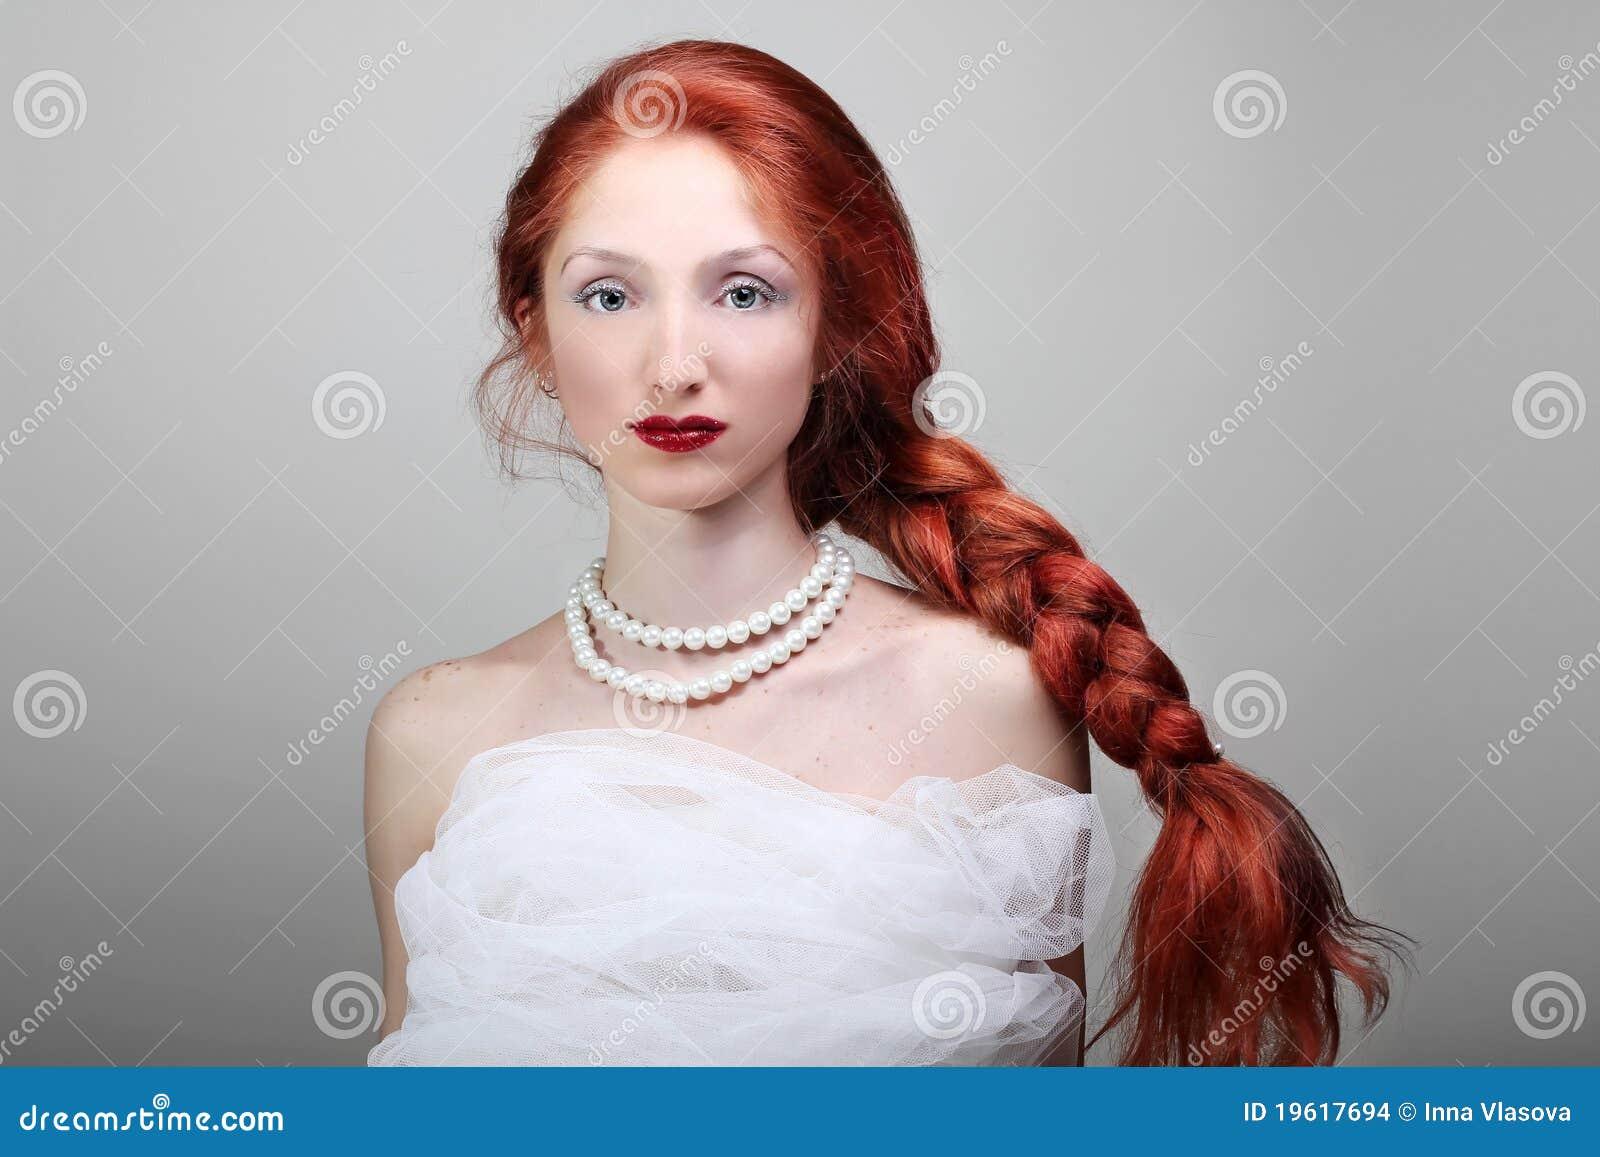 С невестой рыжая 14 фотография